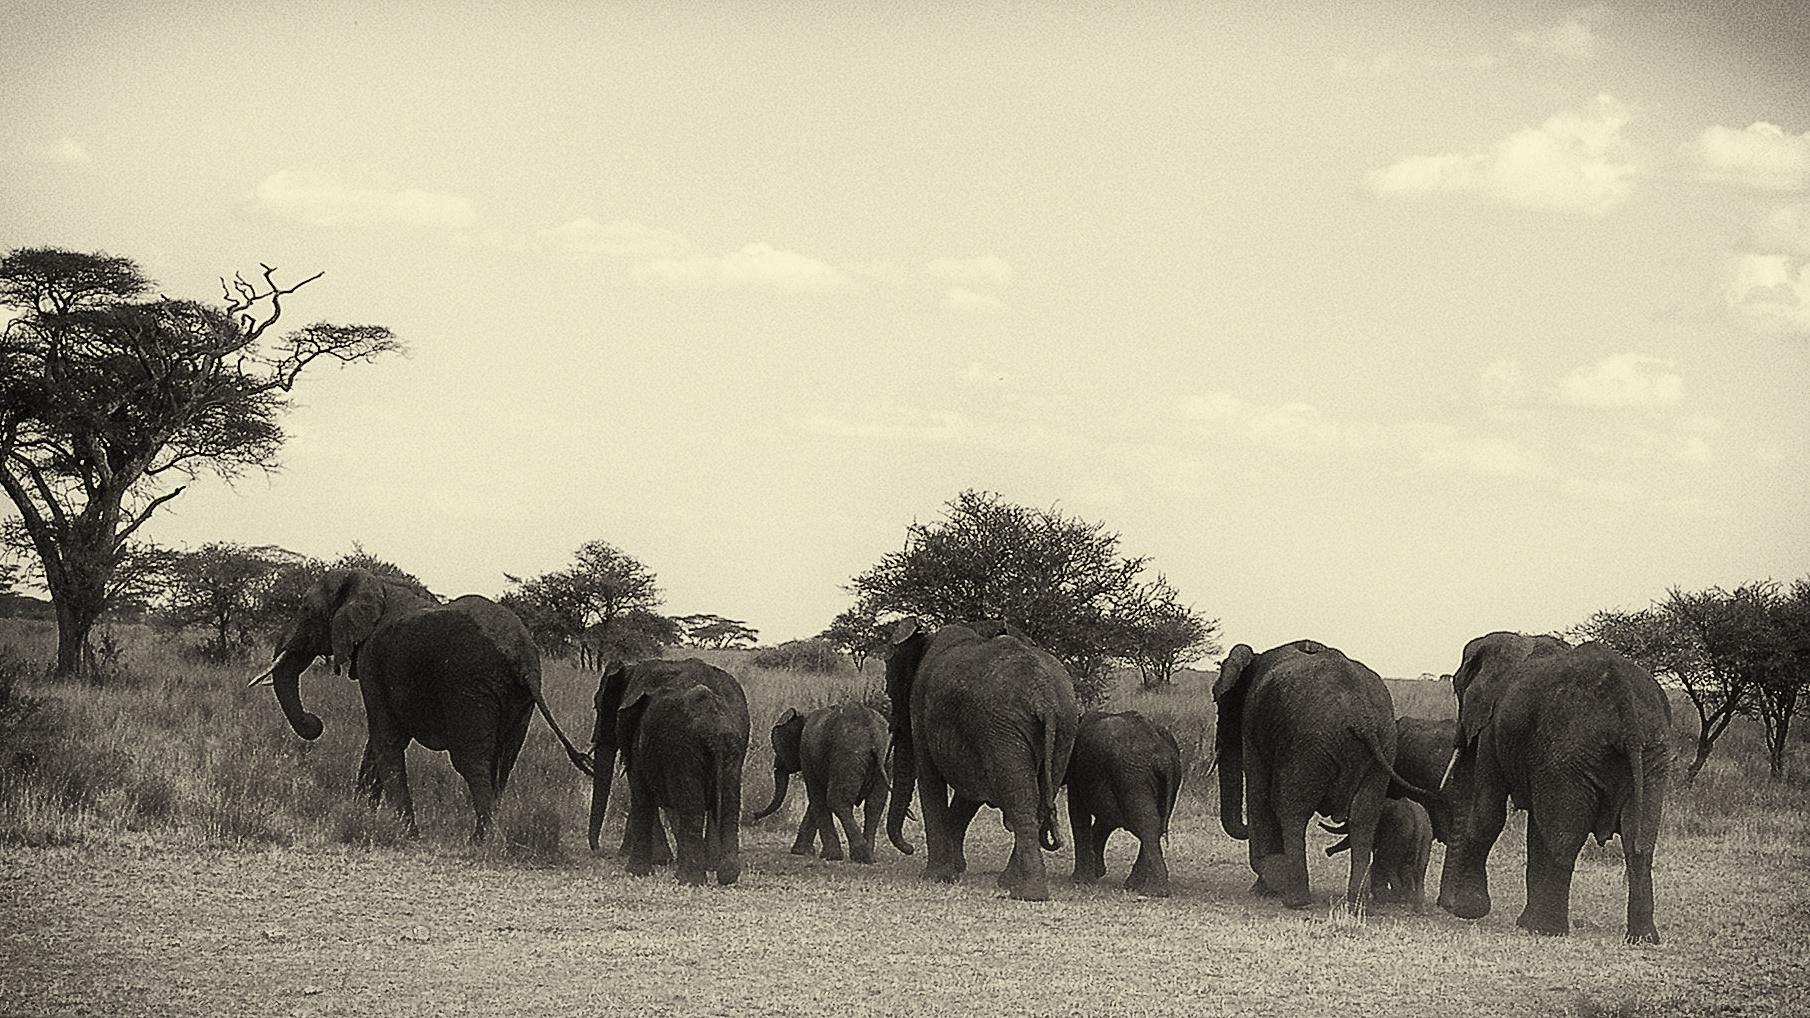 Elephants of Tanzania